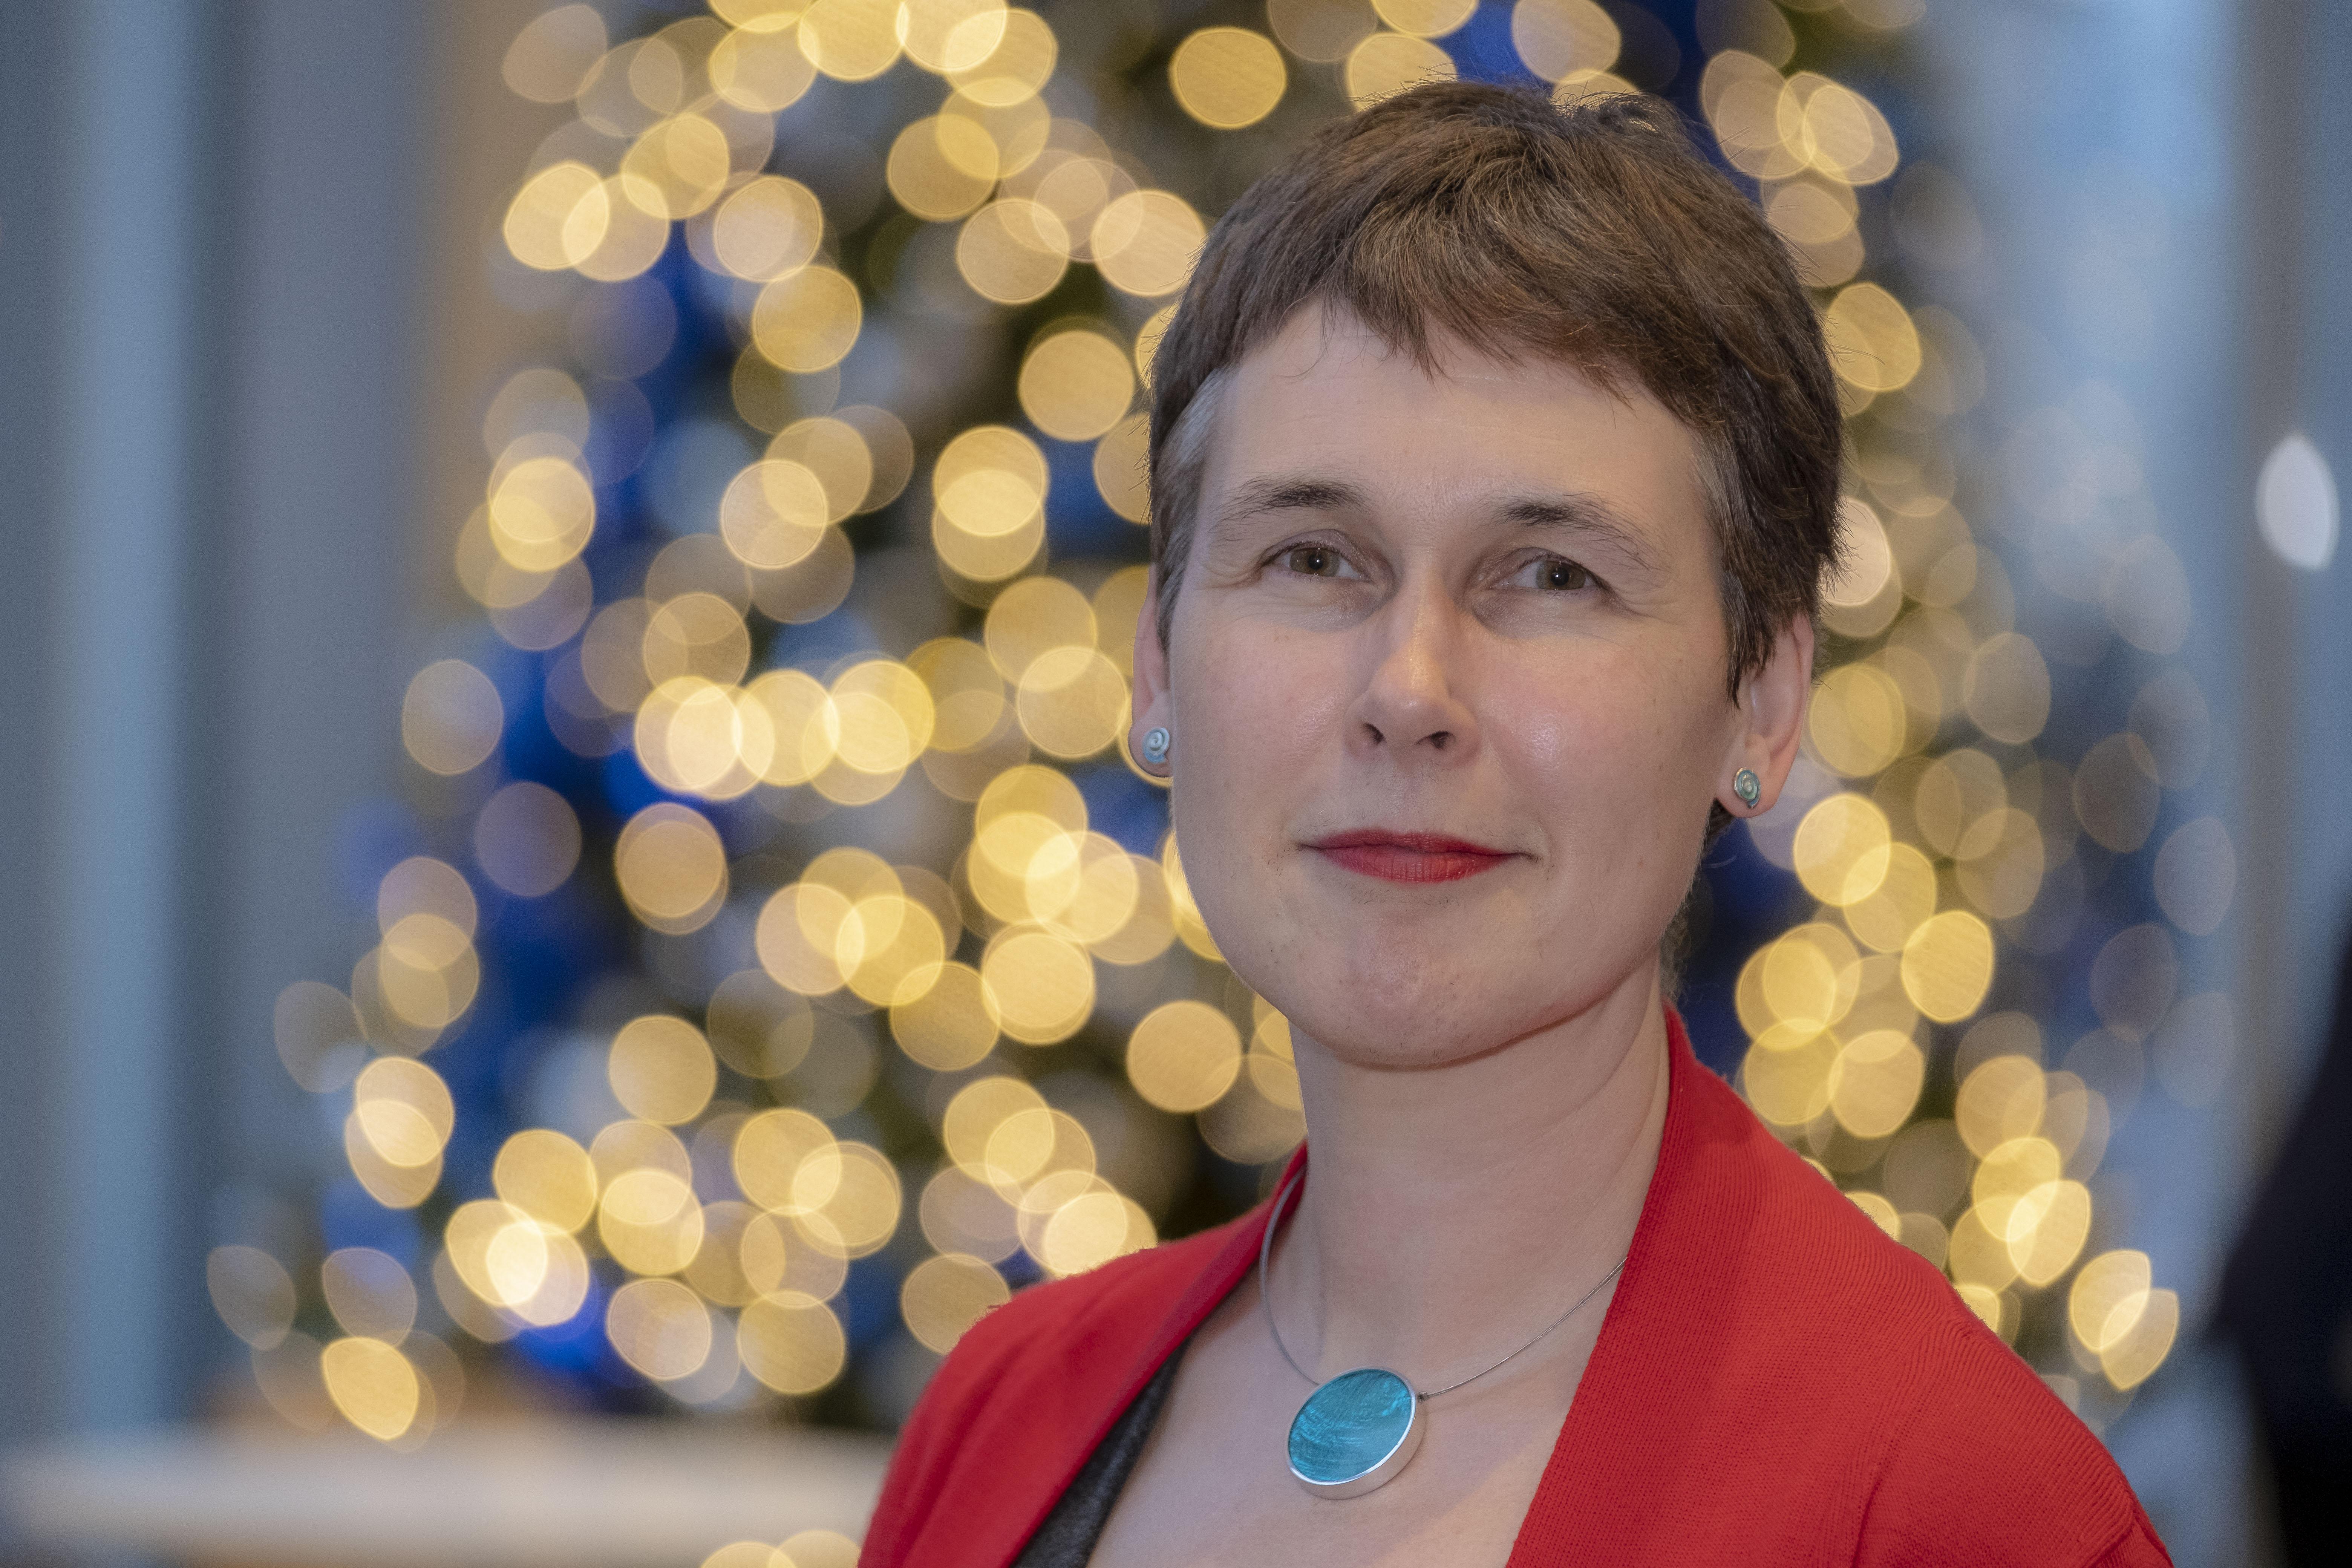 Carol Emslie